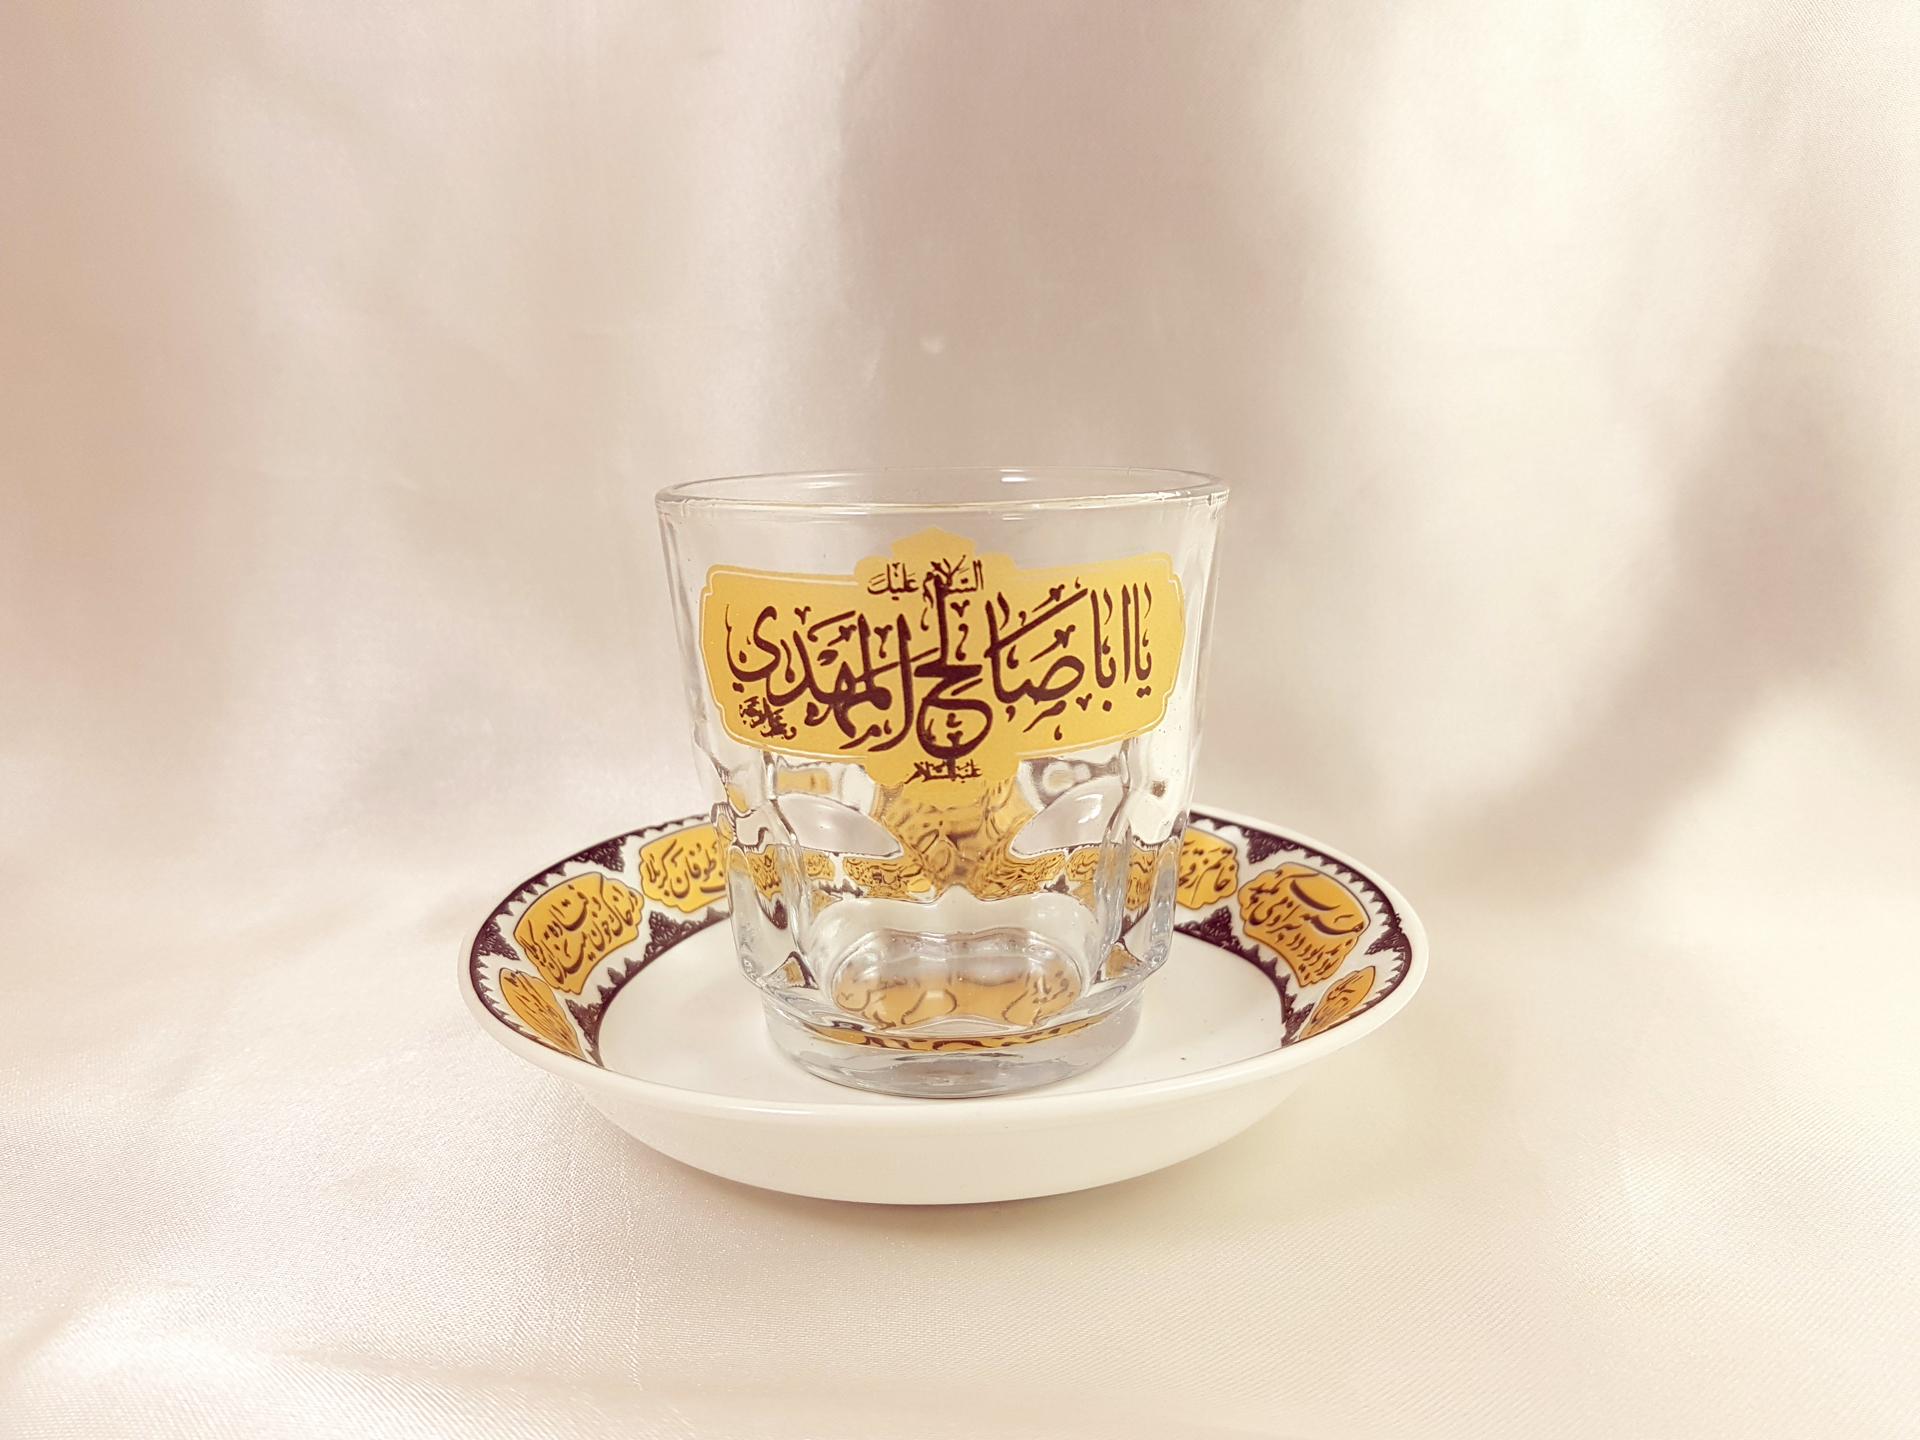 تصویر از استکان و نعلبکی نیم لیوان هیئت یا اباصالح المهدی(عج)